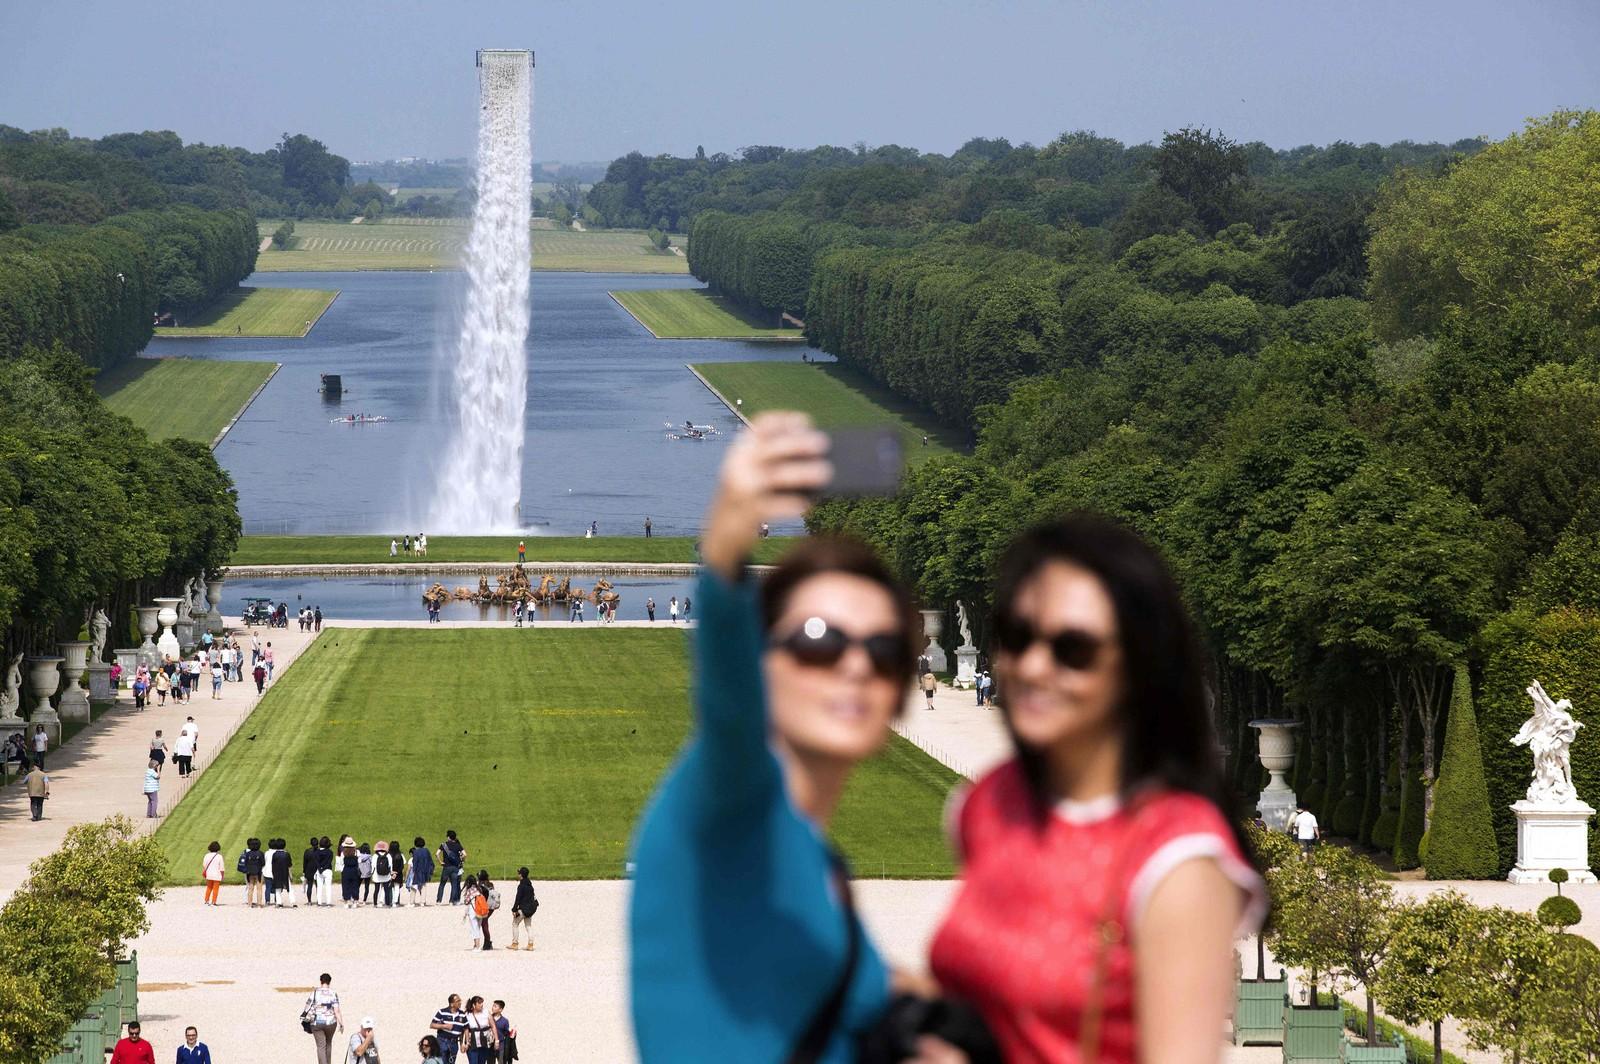 Den danske kunstneren Olafur Eliasson står bak installasjonen «Waterfall» i parken ved Versailles utenfor Paris. Eliasson har laget totalt åtte kunstinstallasjoner til det overdådige slottet, som ble bygget av «Solkongen» Ludvig XIV.